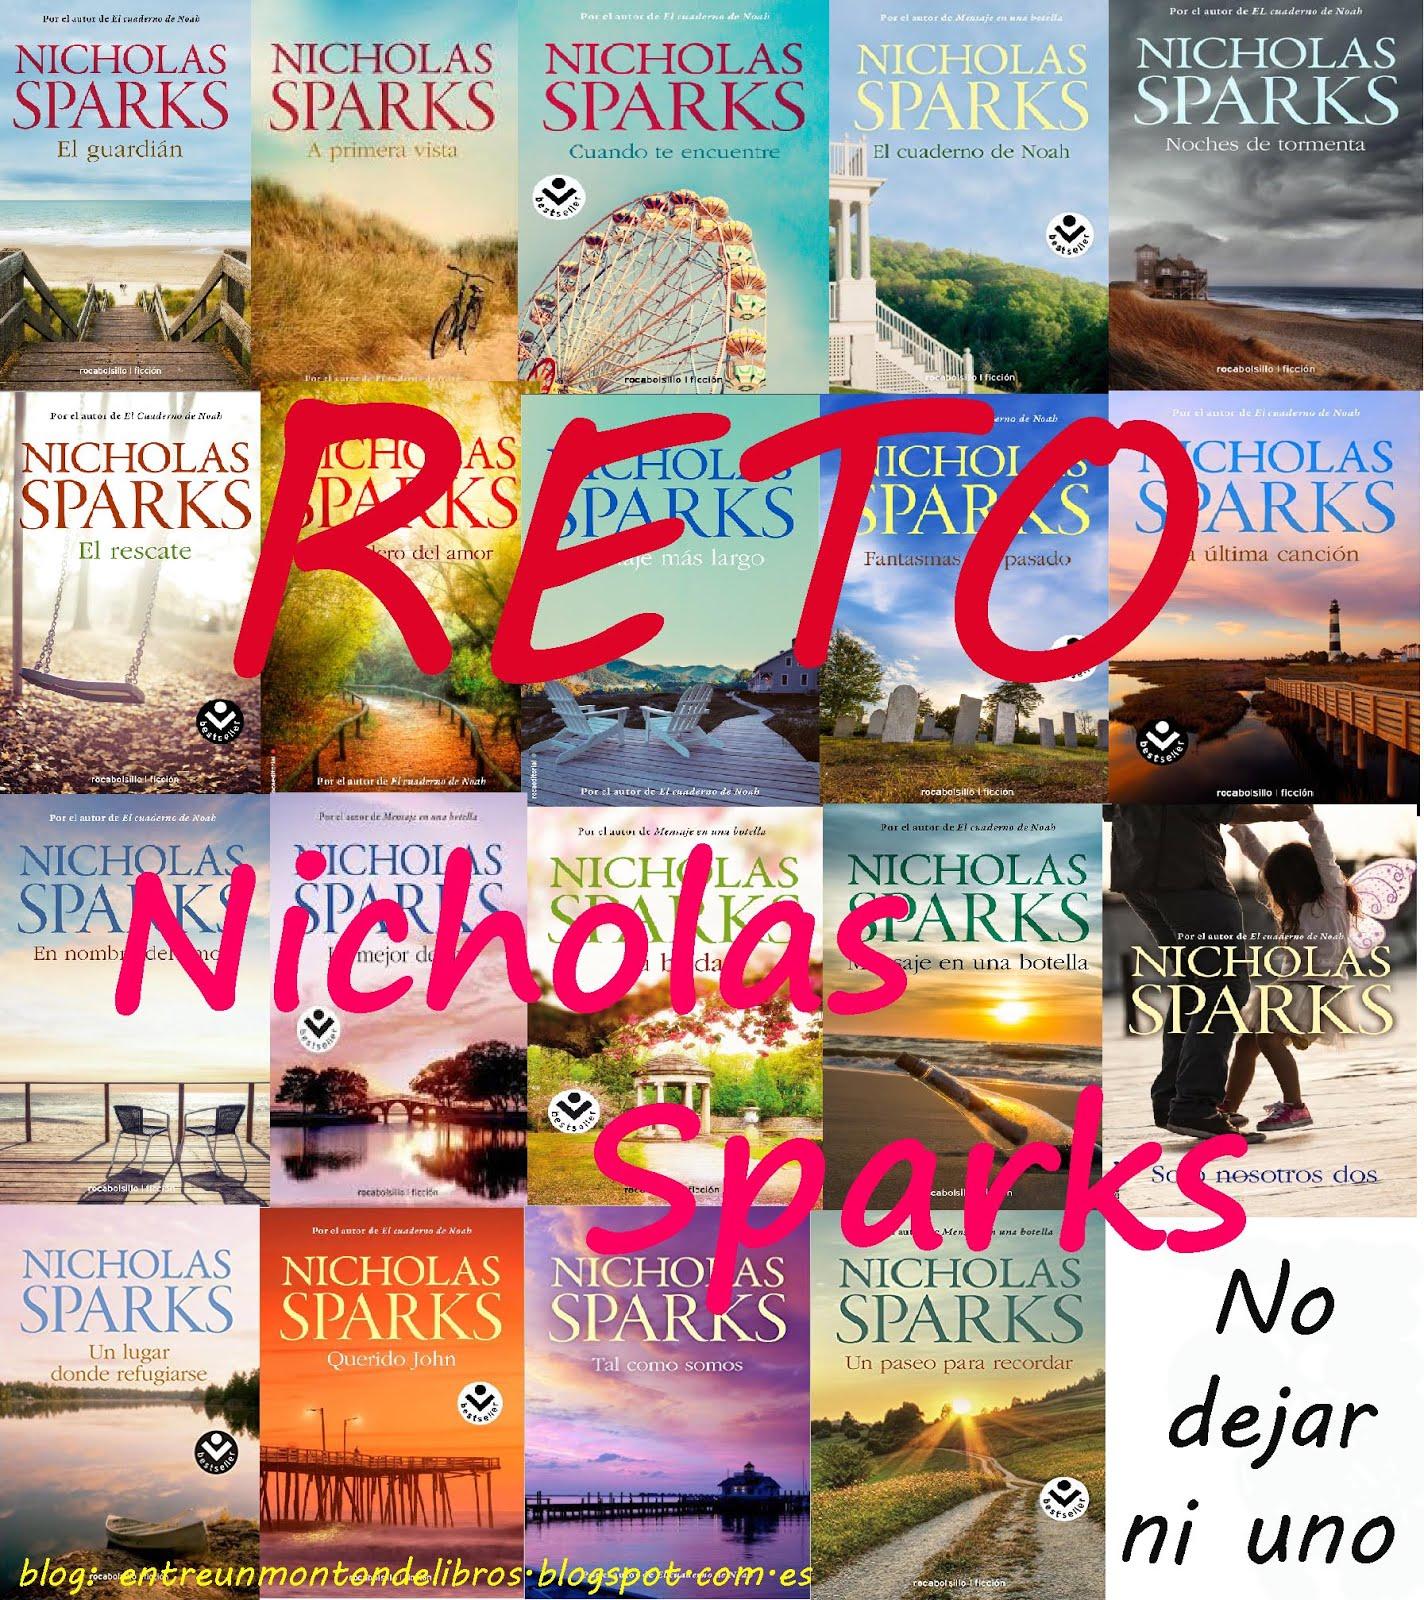 Reto Nicholas Sparks